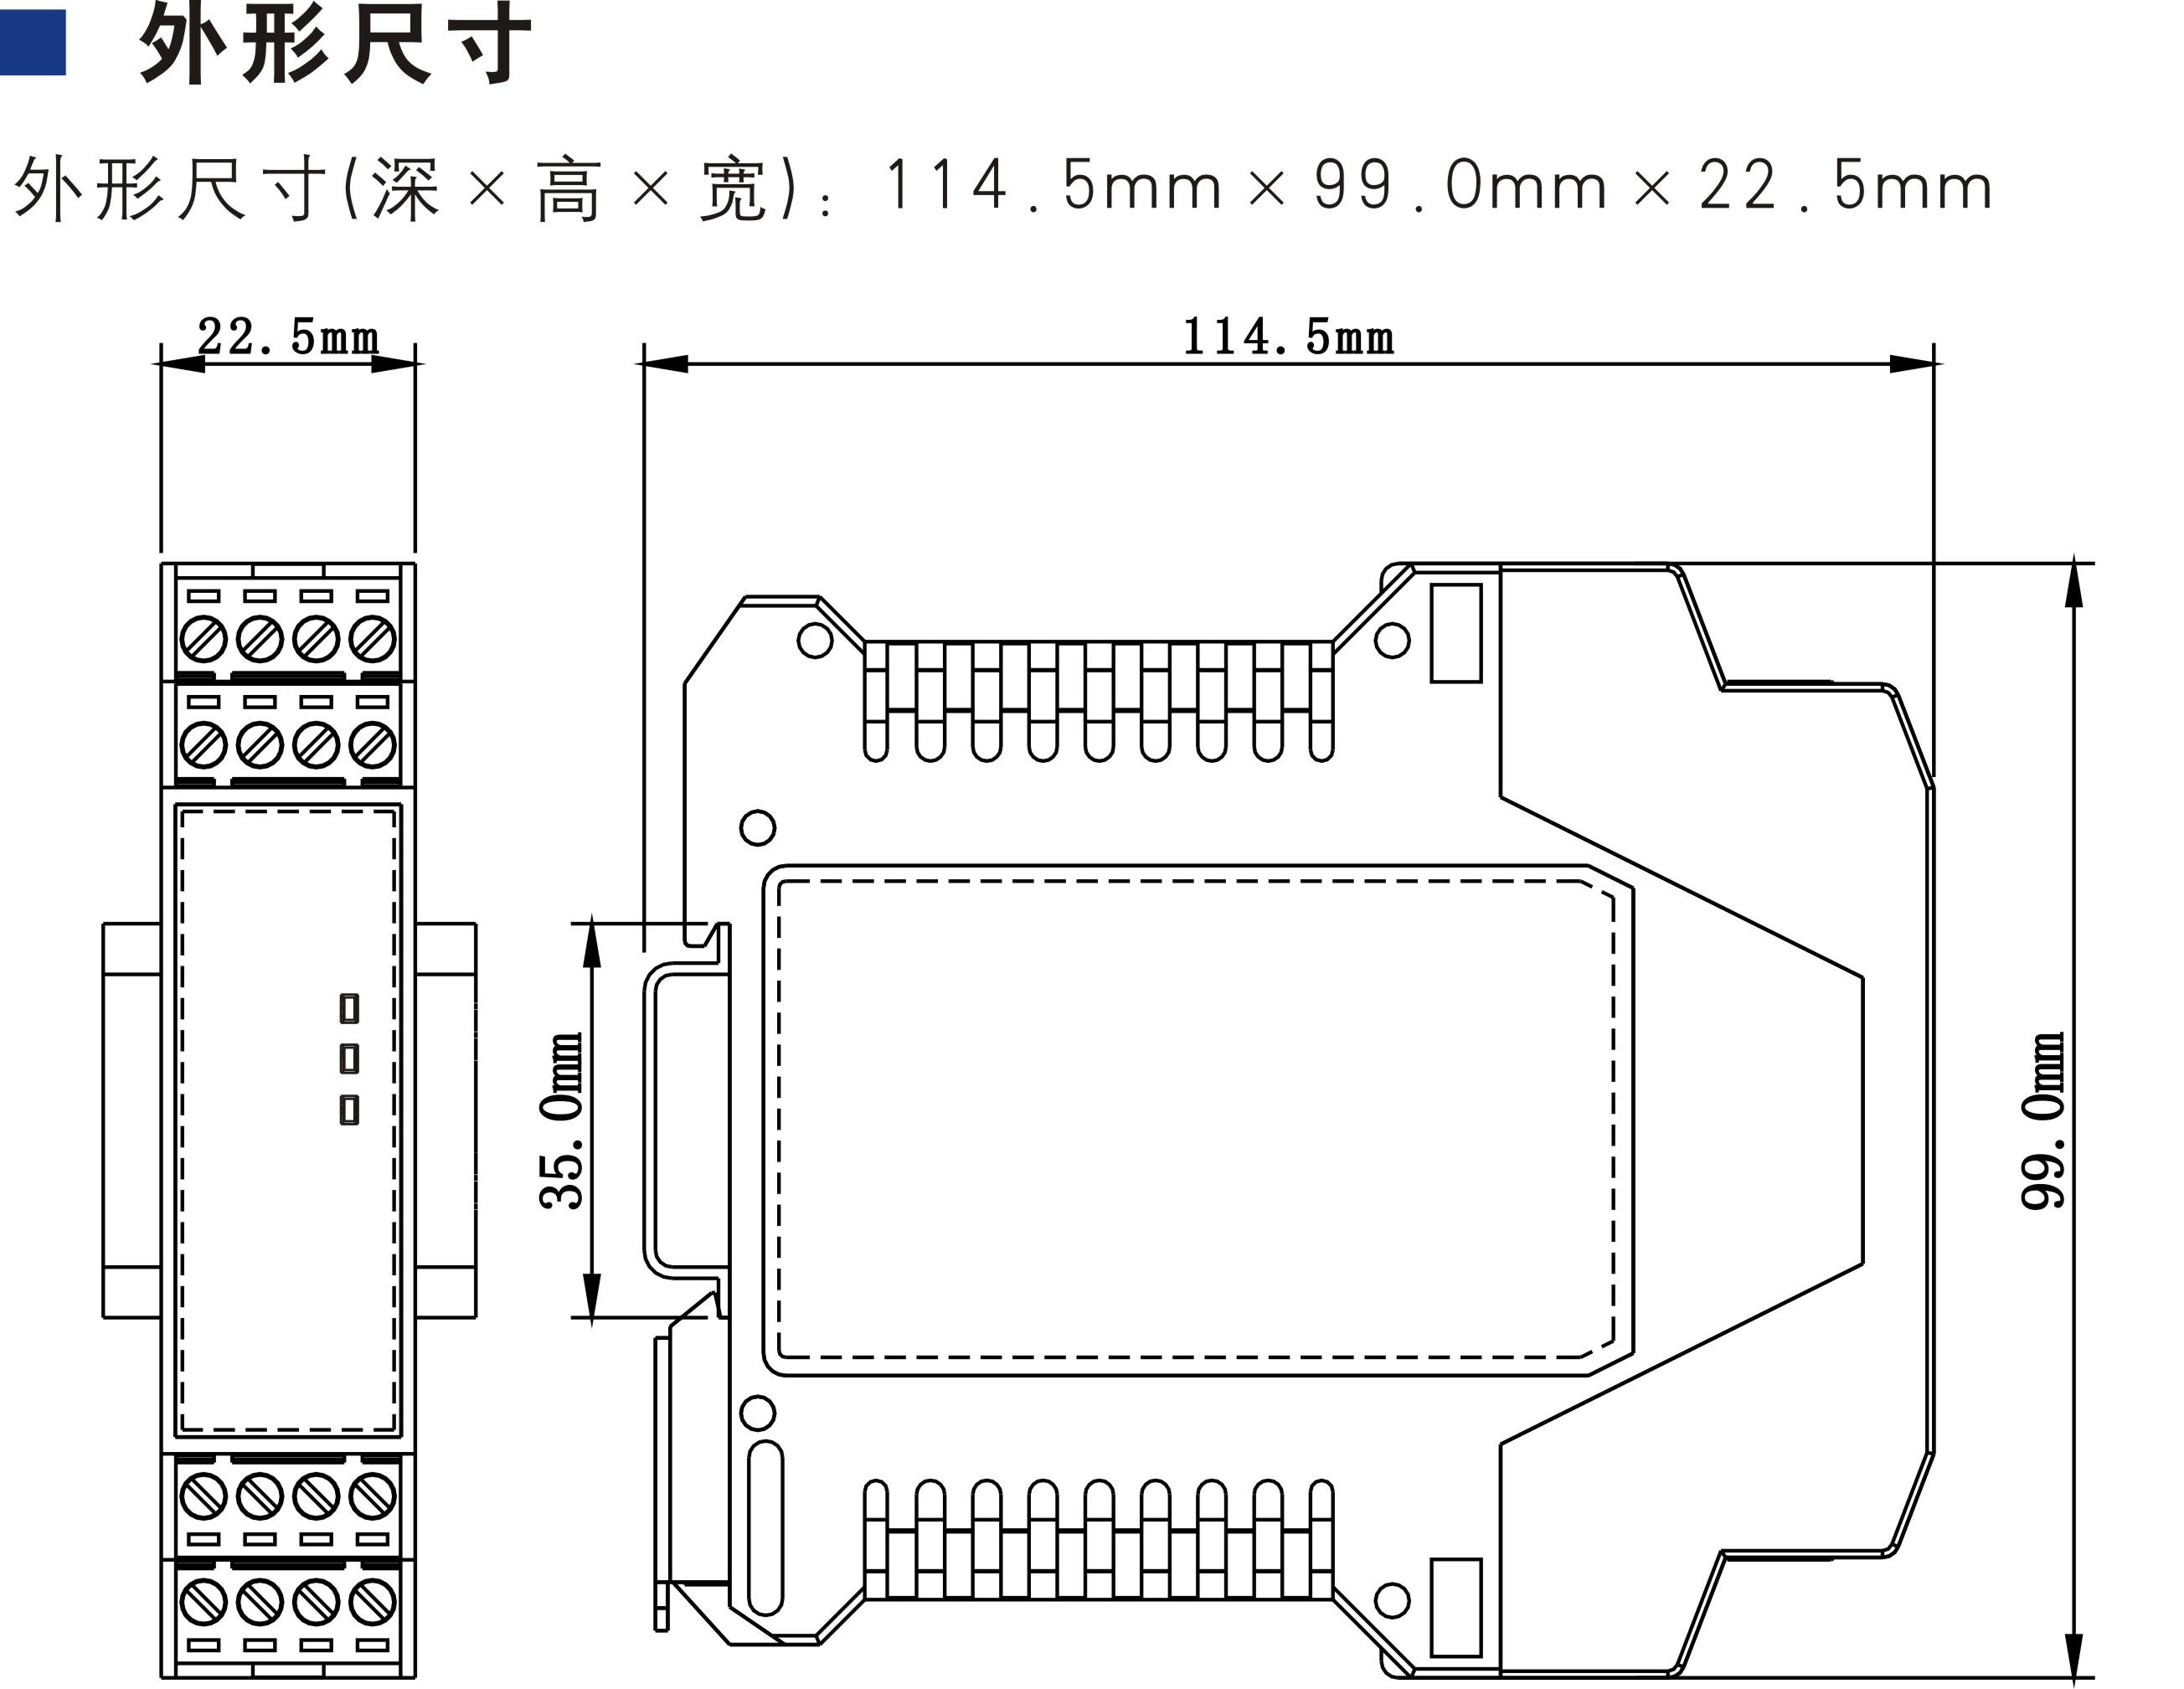 開關型安全設備輸入 (兩線制安全地毯 24V DC/AC 3NO+1NC 通用復位)